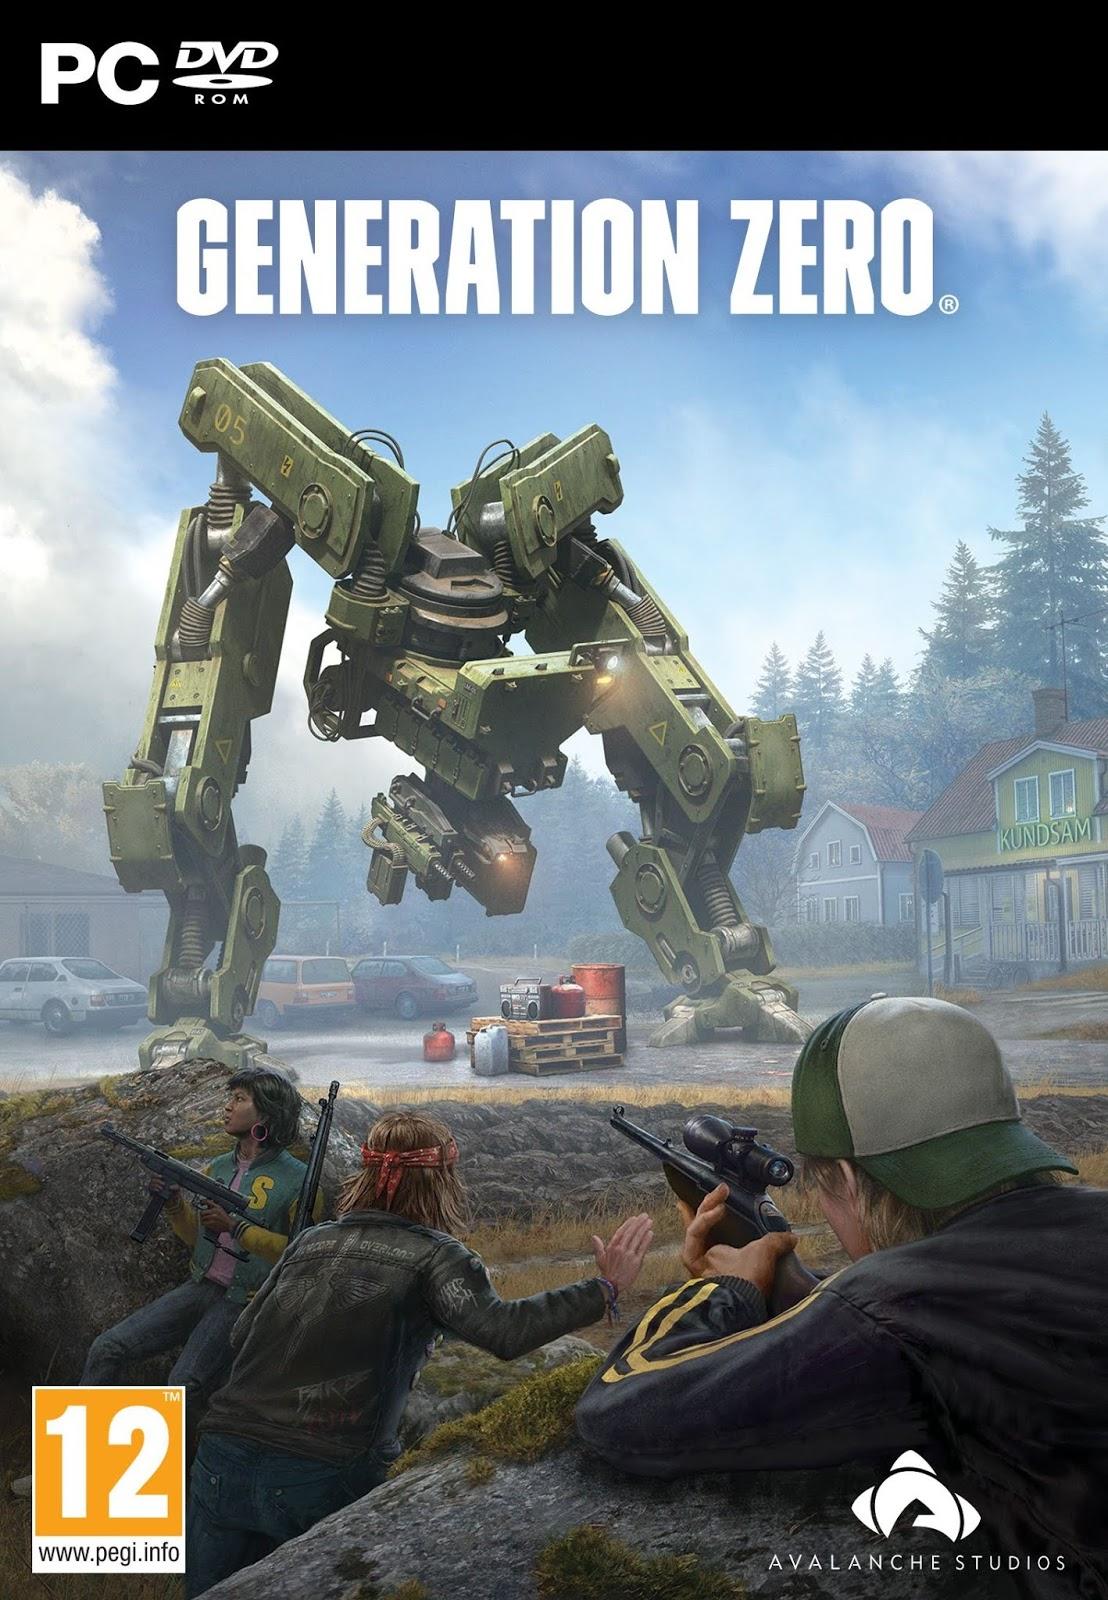 Descargar Generation Zero Challenges PC Cover Caratulas